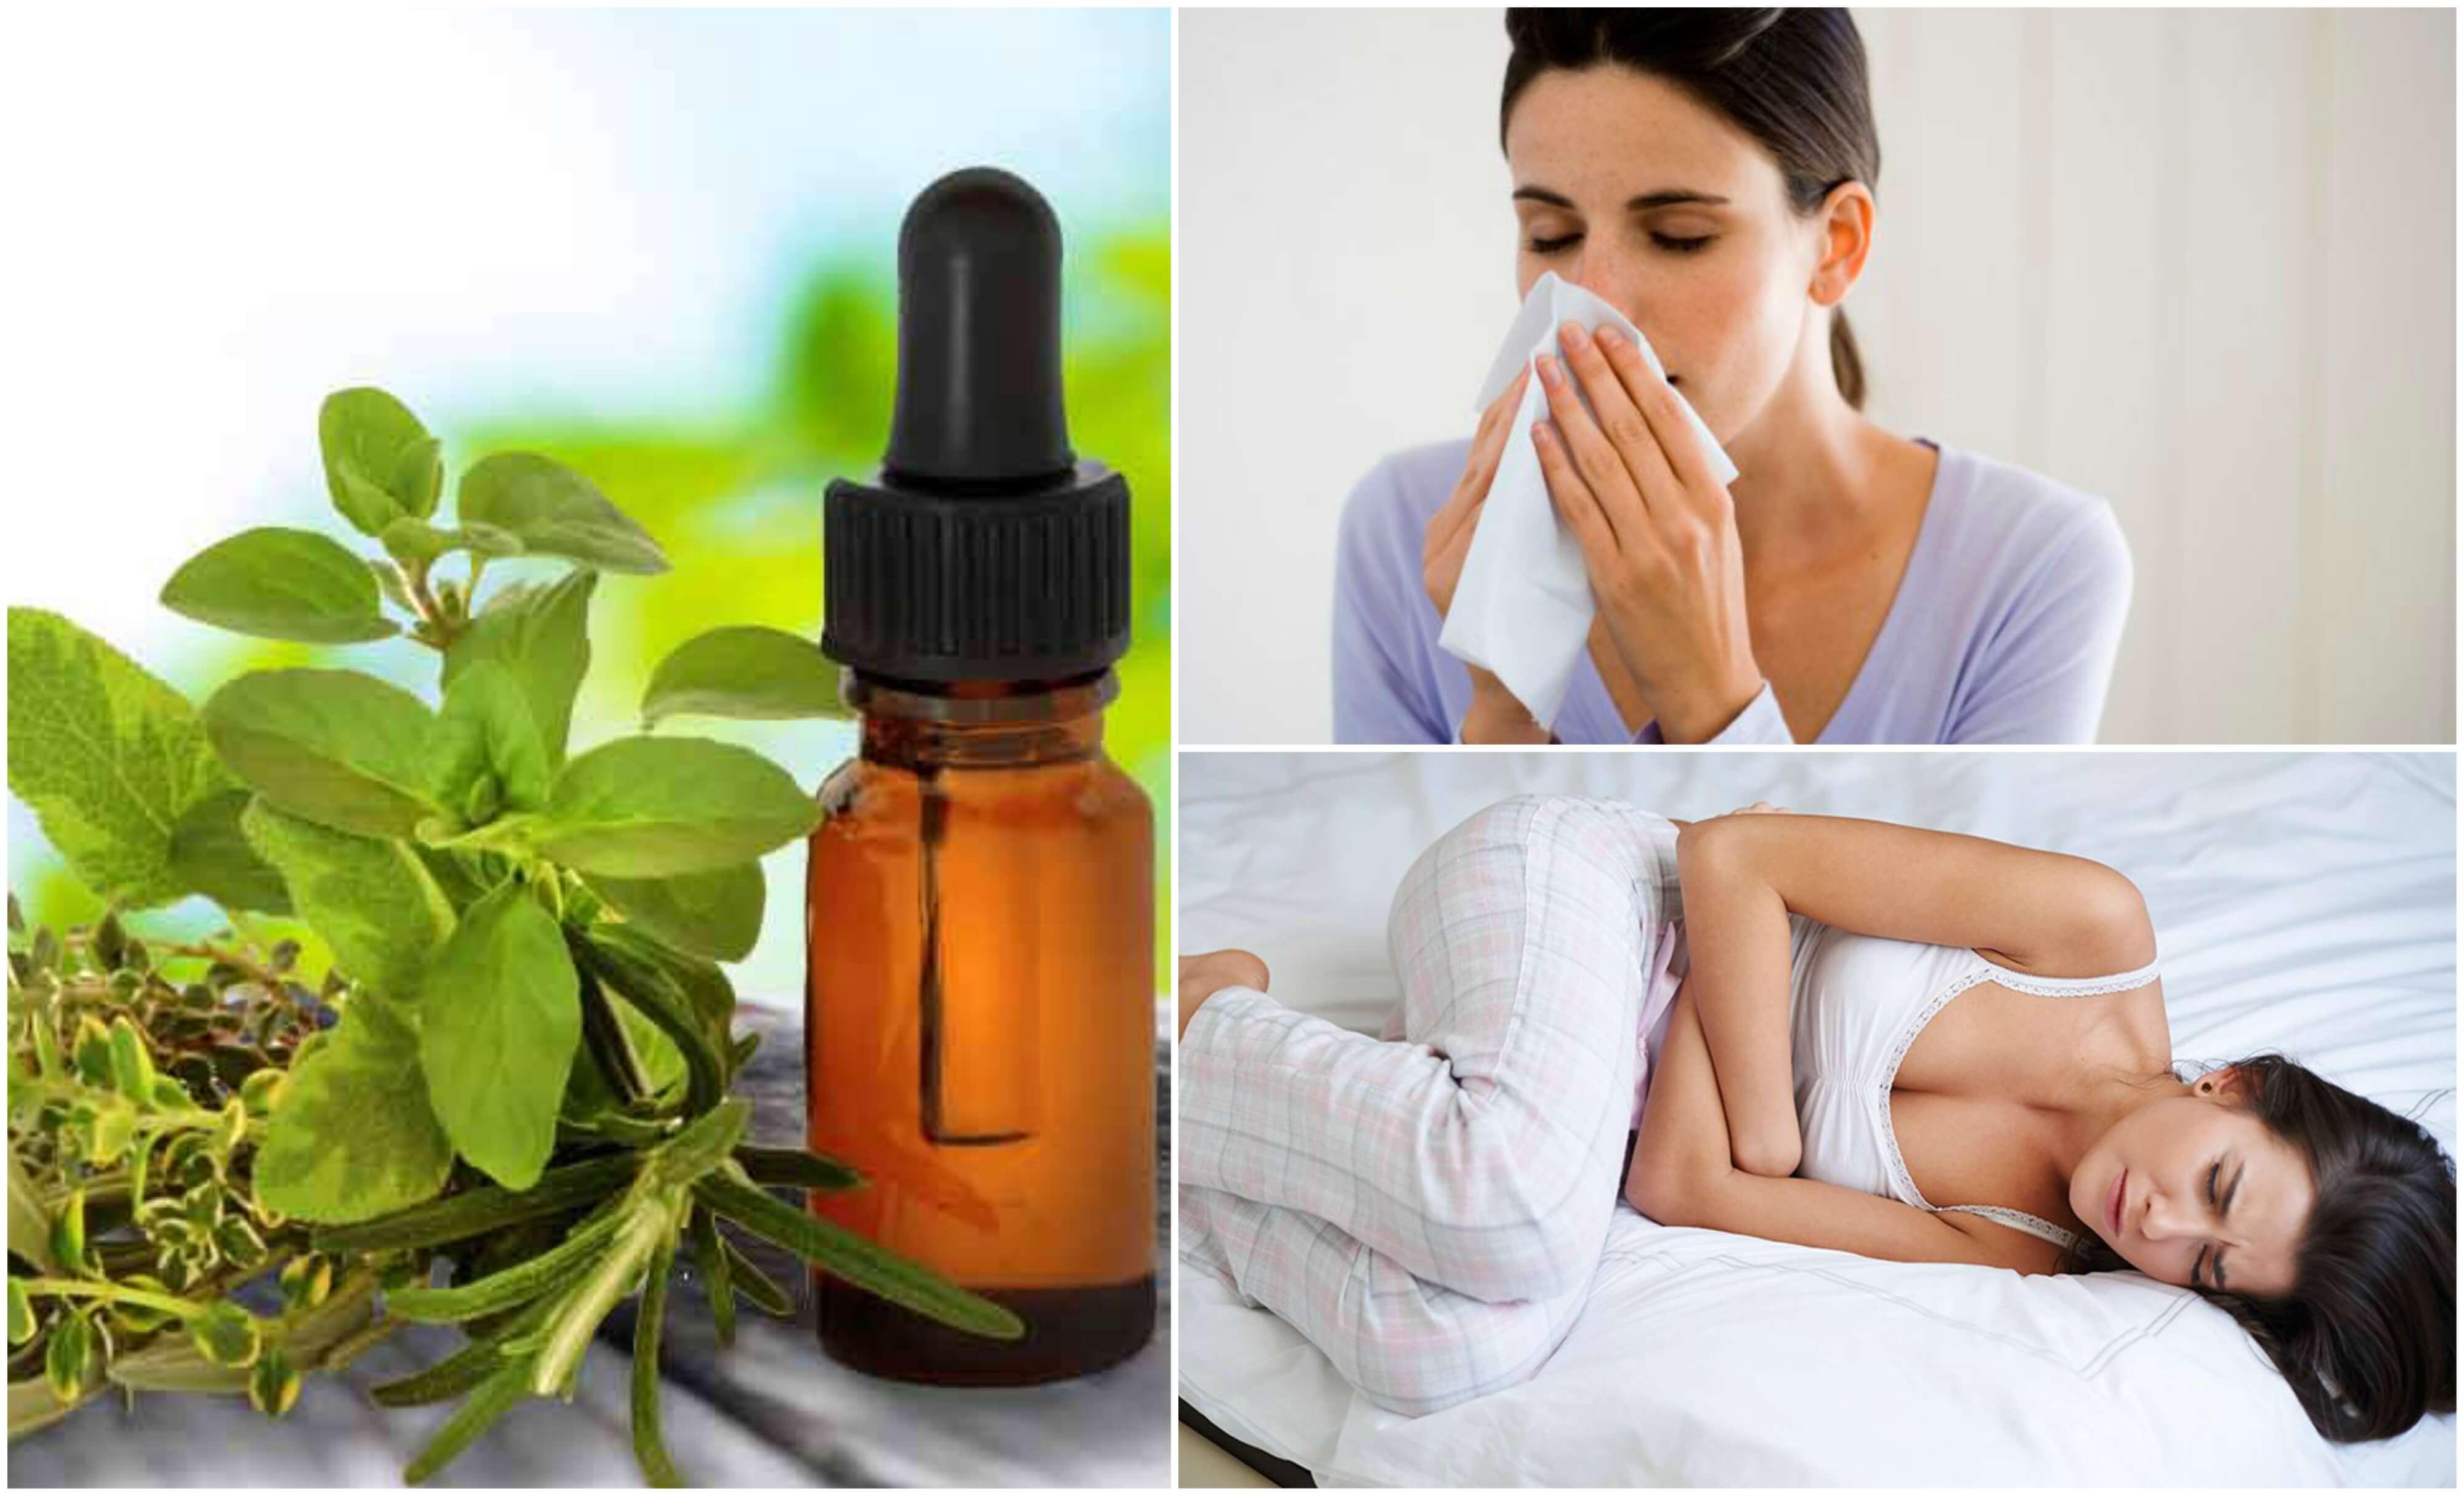 Usi medicinali dell'olio di origano